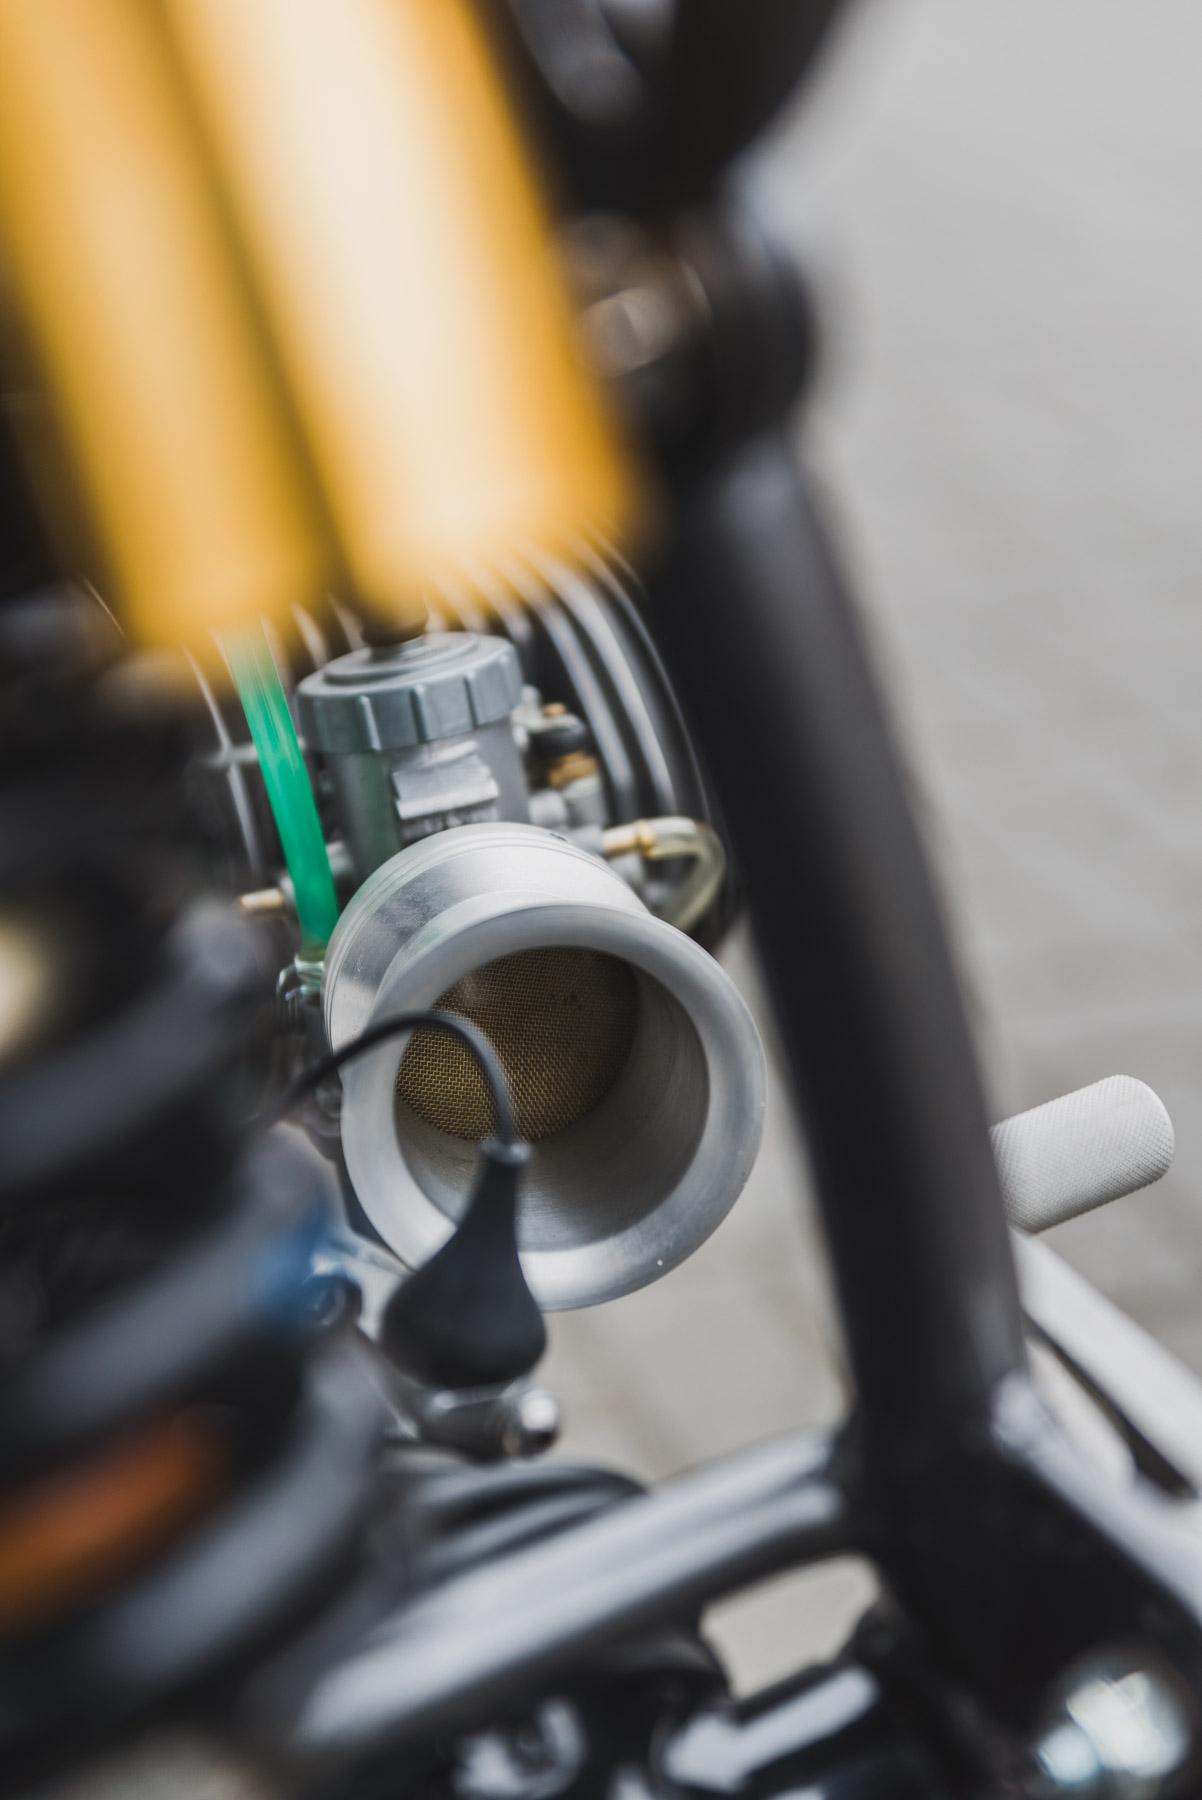 kite-motorcycles-09.jpg